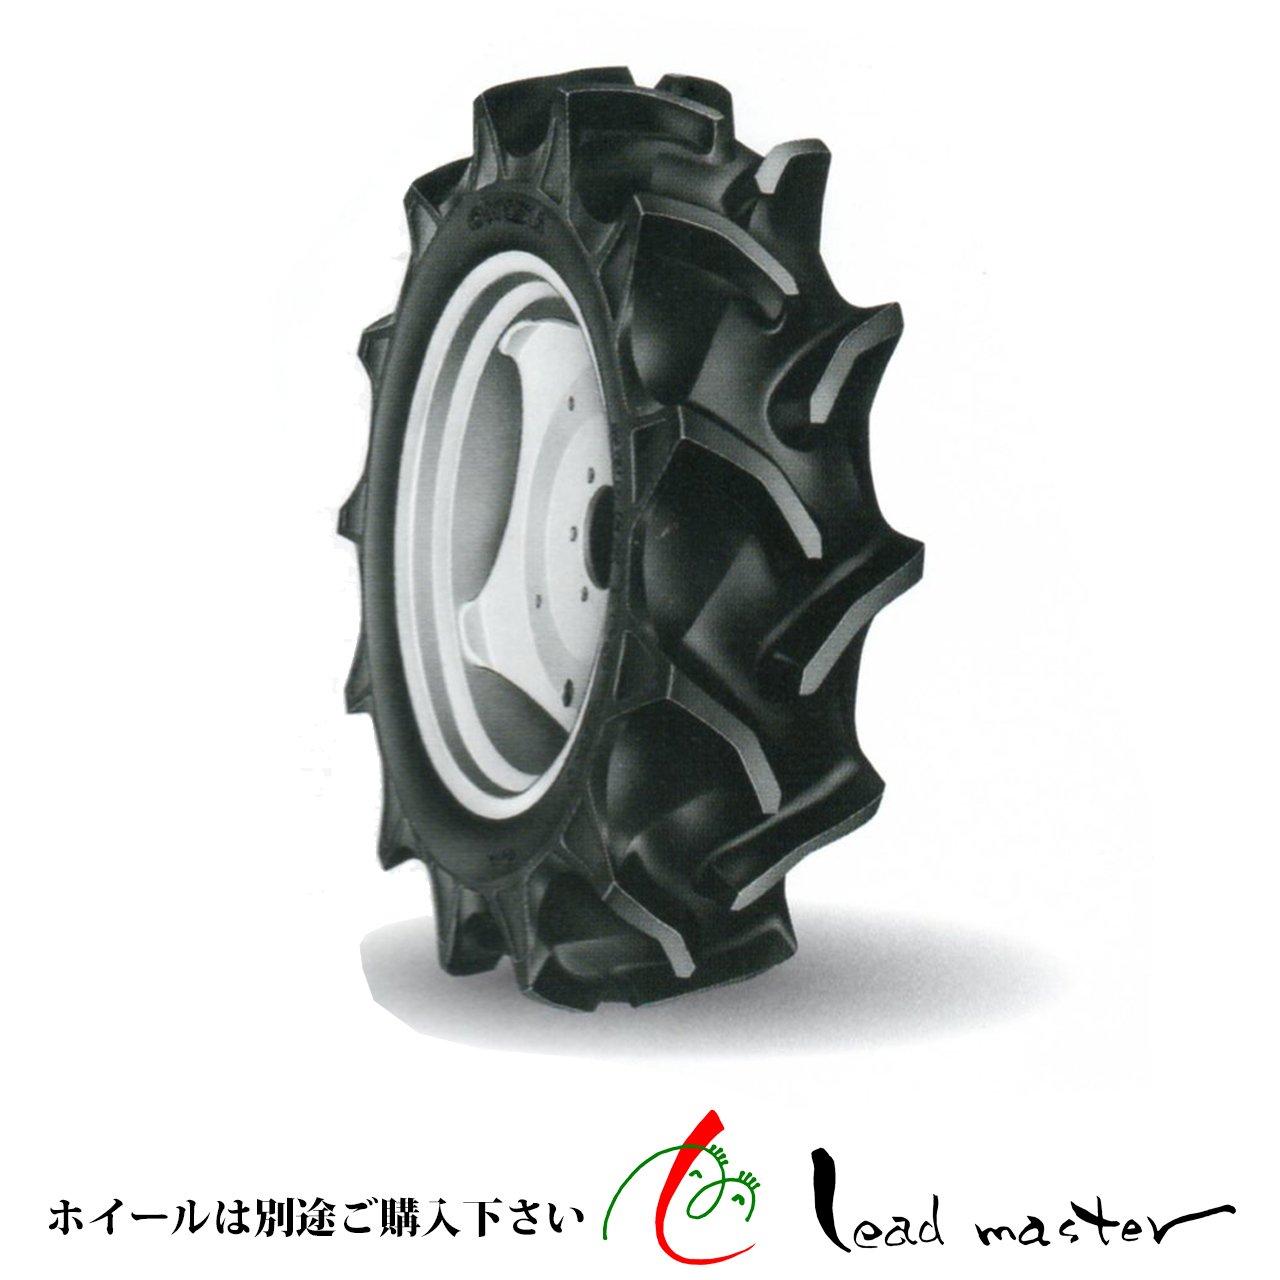 ファルケン (AT50) 8-18-4PR トラクター用 後輪タイヤ (ハイラグタイプ) B01J7TRYEY